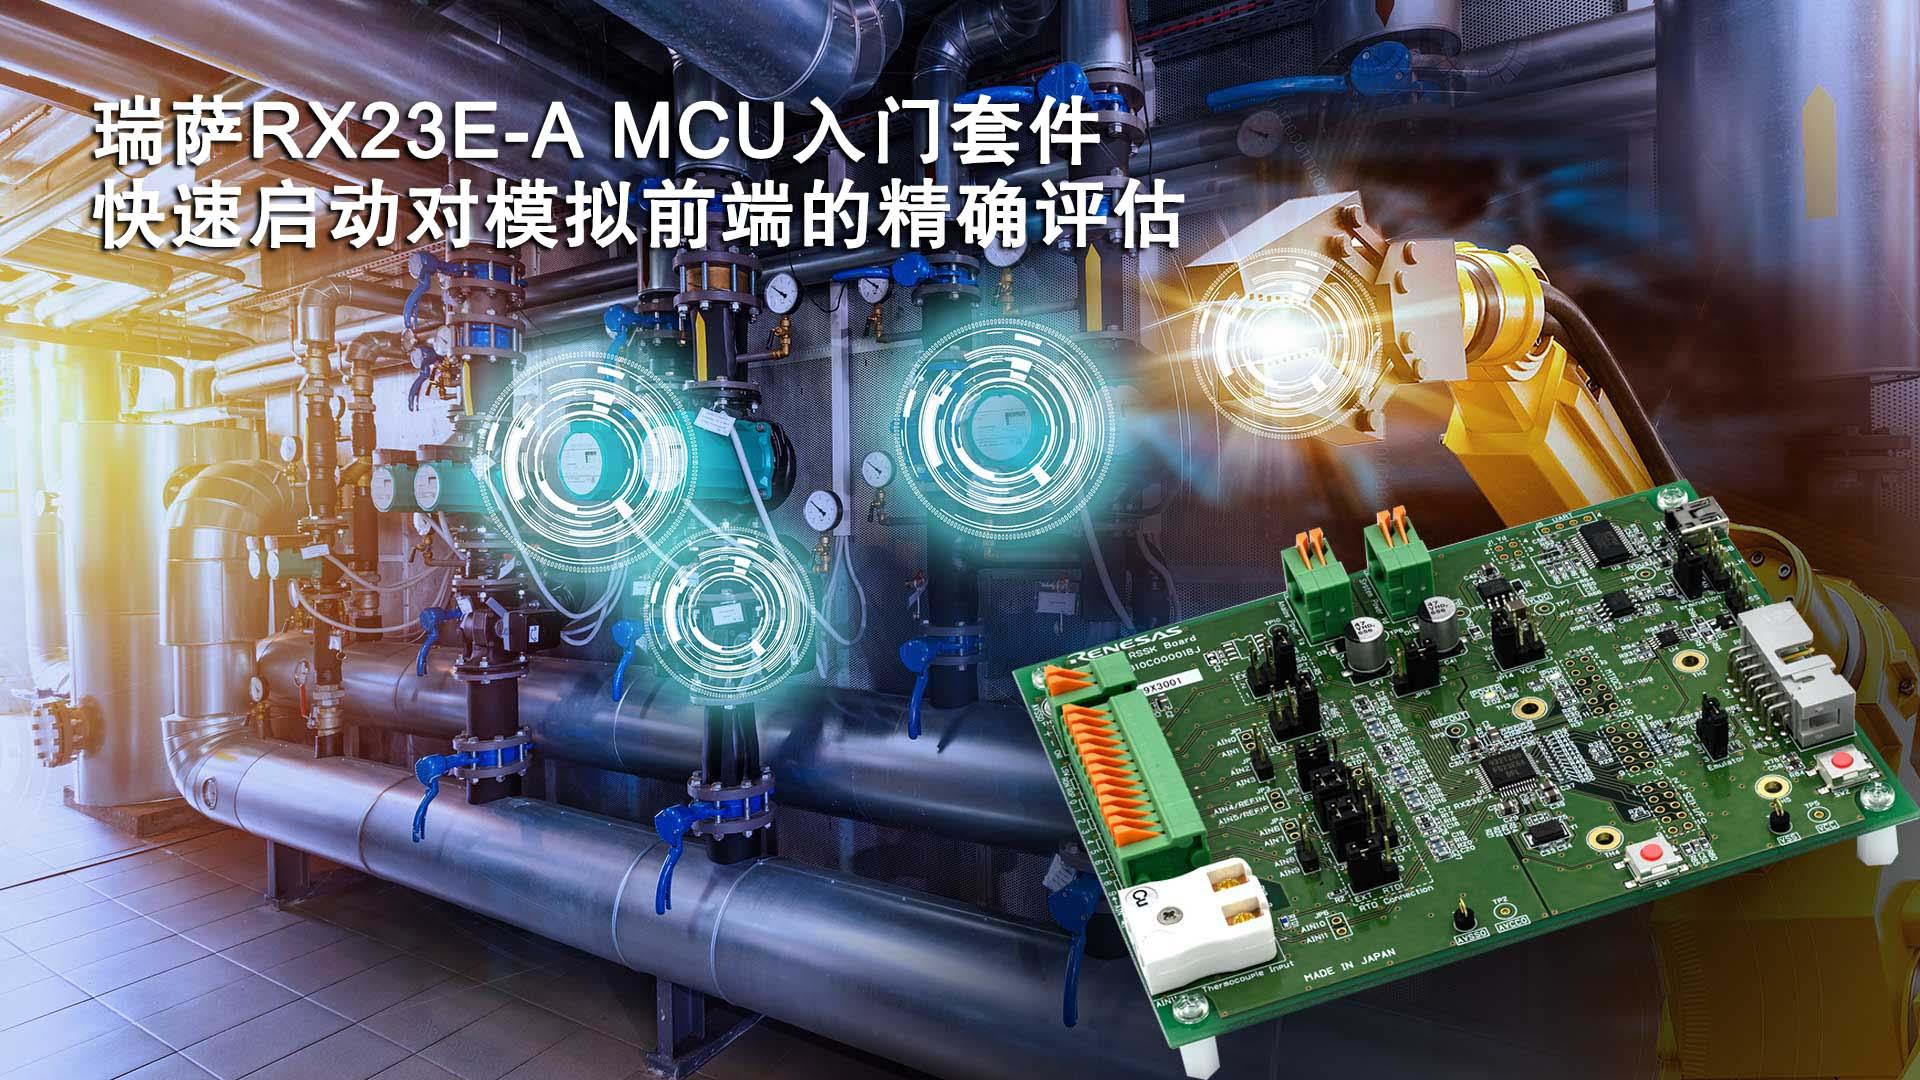 瑞萨RX23E-A MCU入门套件快速启动对模拟前端的精确评估.jpg